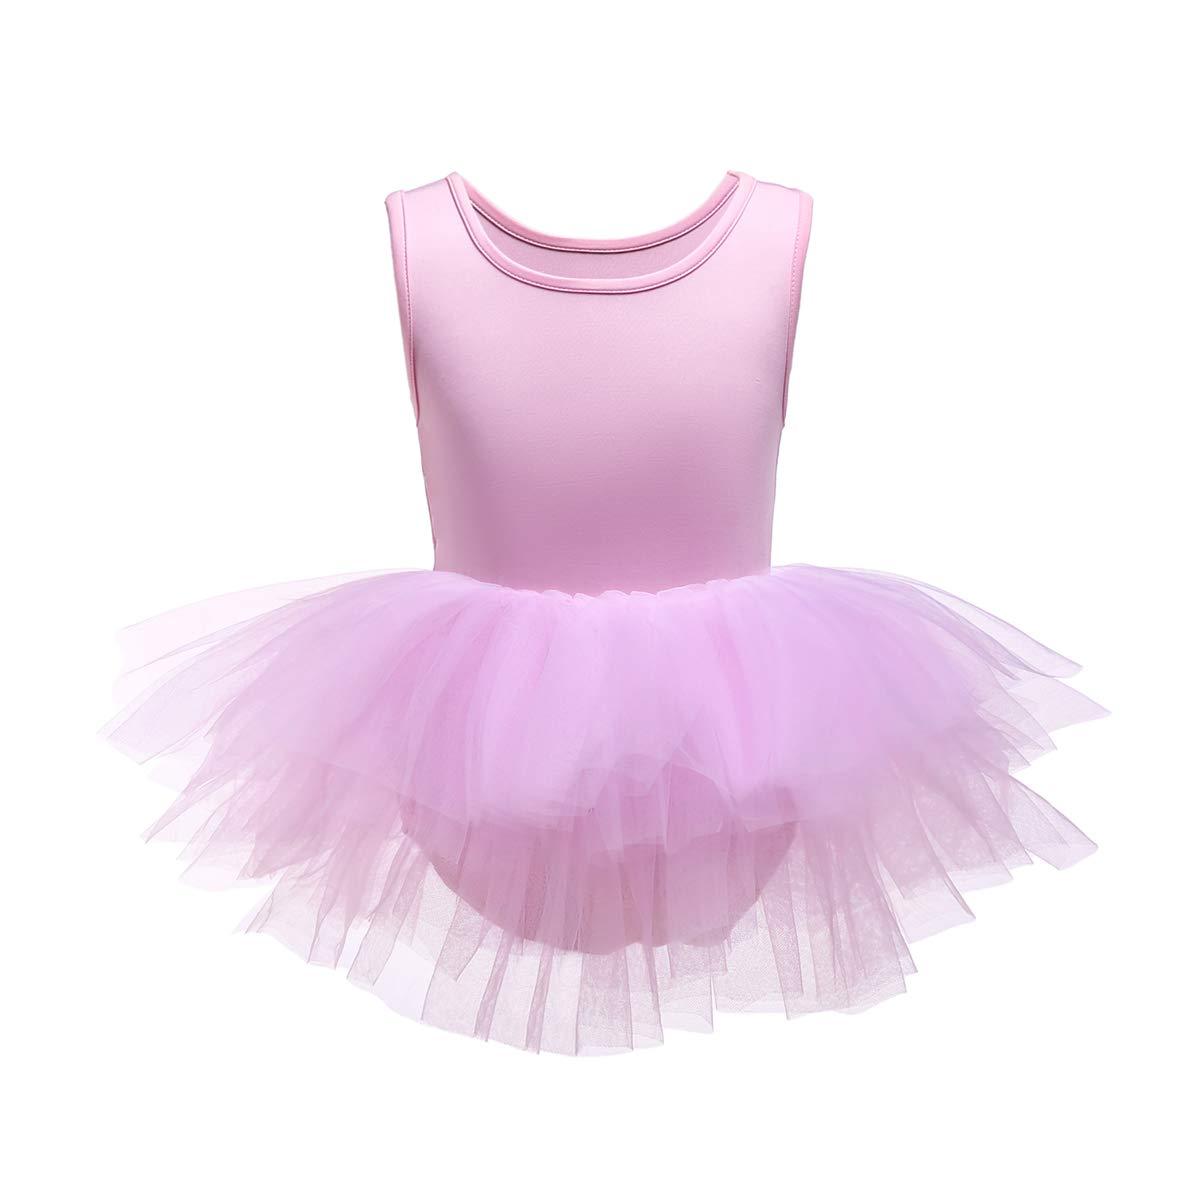 高級感 JiaDuo DRESS ガールズ B07FZYBYV8 5 / 6|ピンク ピンク 43591, 可愛いエコバッグ AIRY&CO. 4afeb0fa